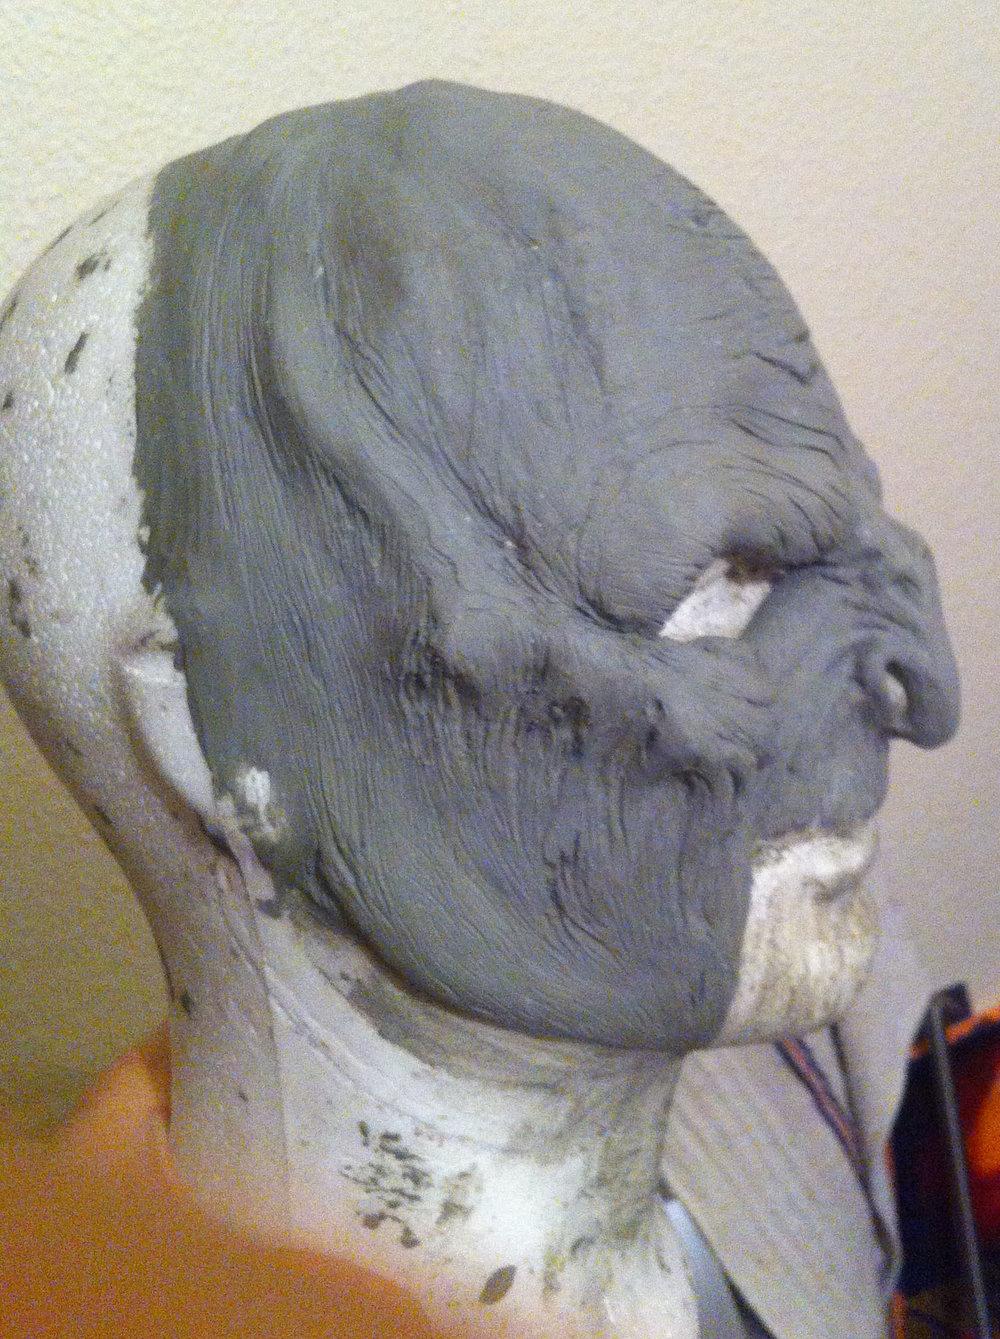 Masque+Halloween+SFX+Maquilleuse.jpg